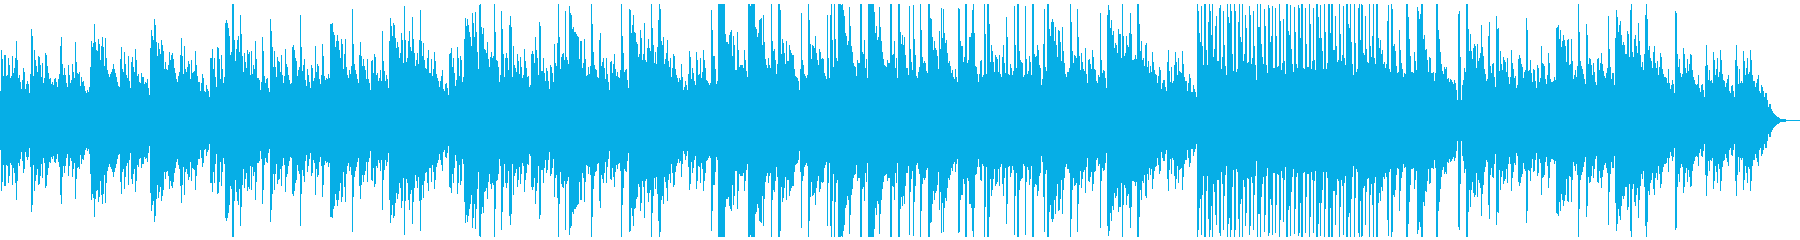 優しいピアノのヒーリング音楽でリラックスの再生済みの波形